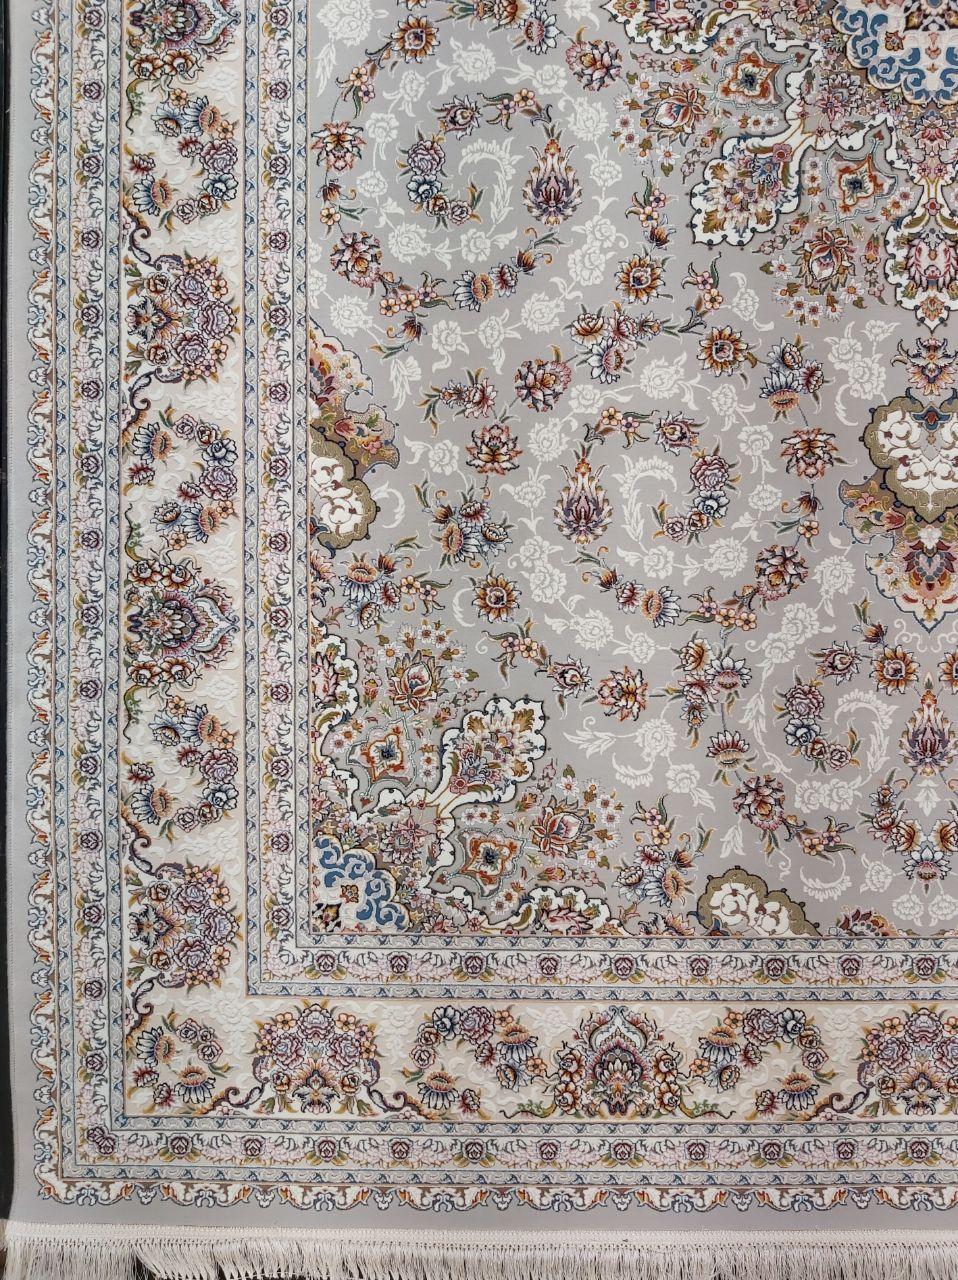 فرش 700 شانه گل برجسته نقشه طاها زمینه فیلی